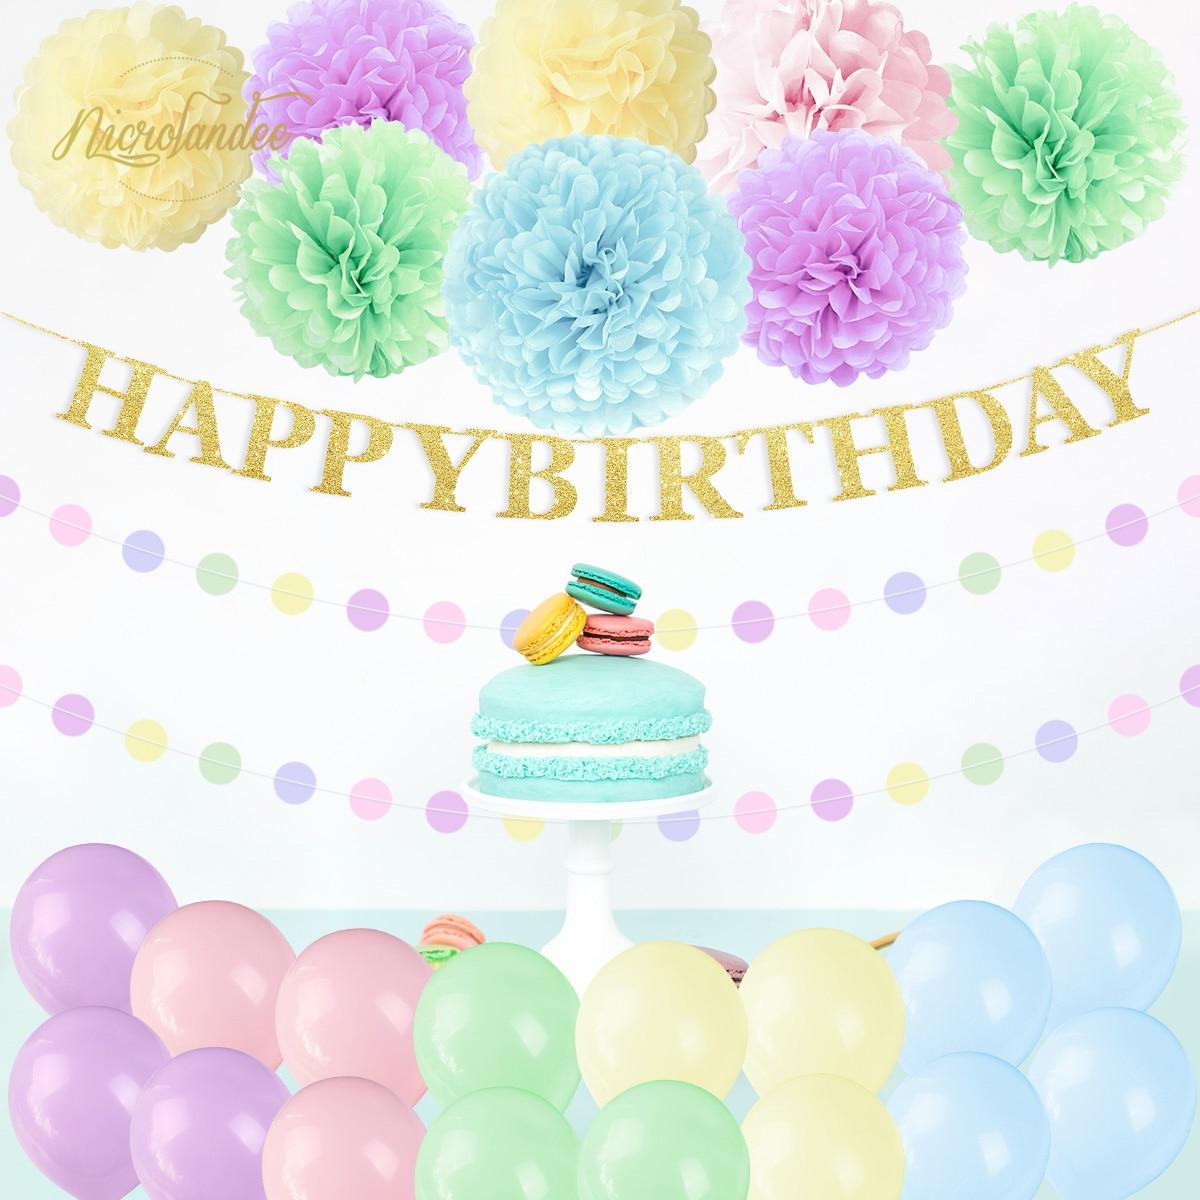 NICROLANDEE Macaron Verde Rosa Azul Flor De Papel Balões Festa Feliz Aniversário Decoração DIY Caso 2019 Nova Chegada